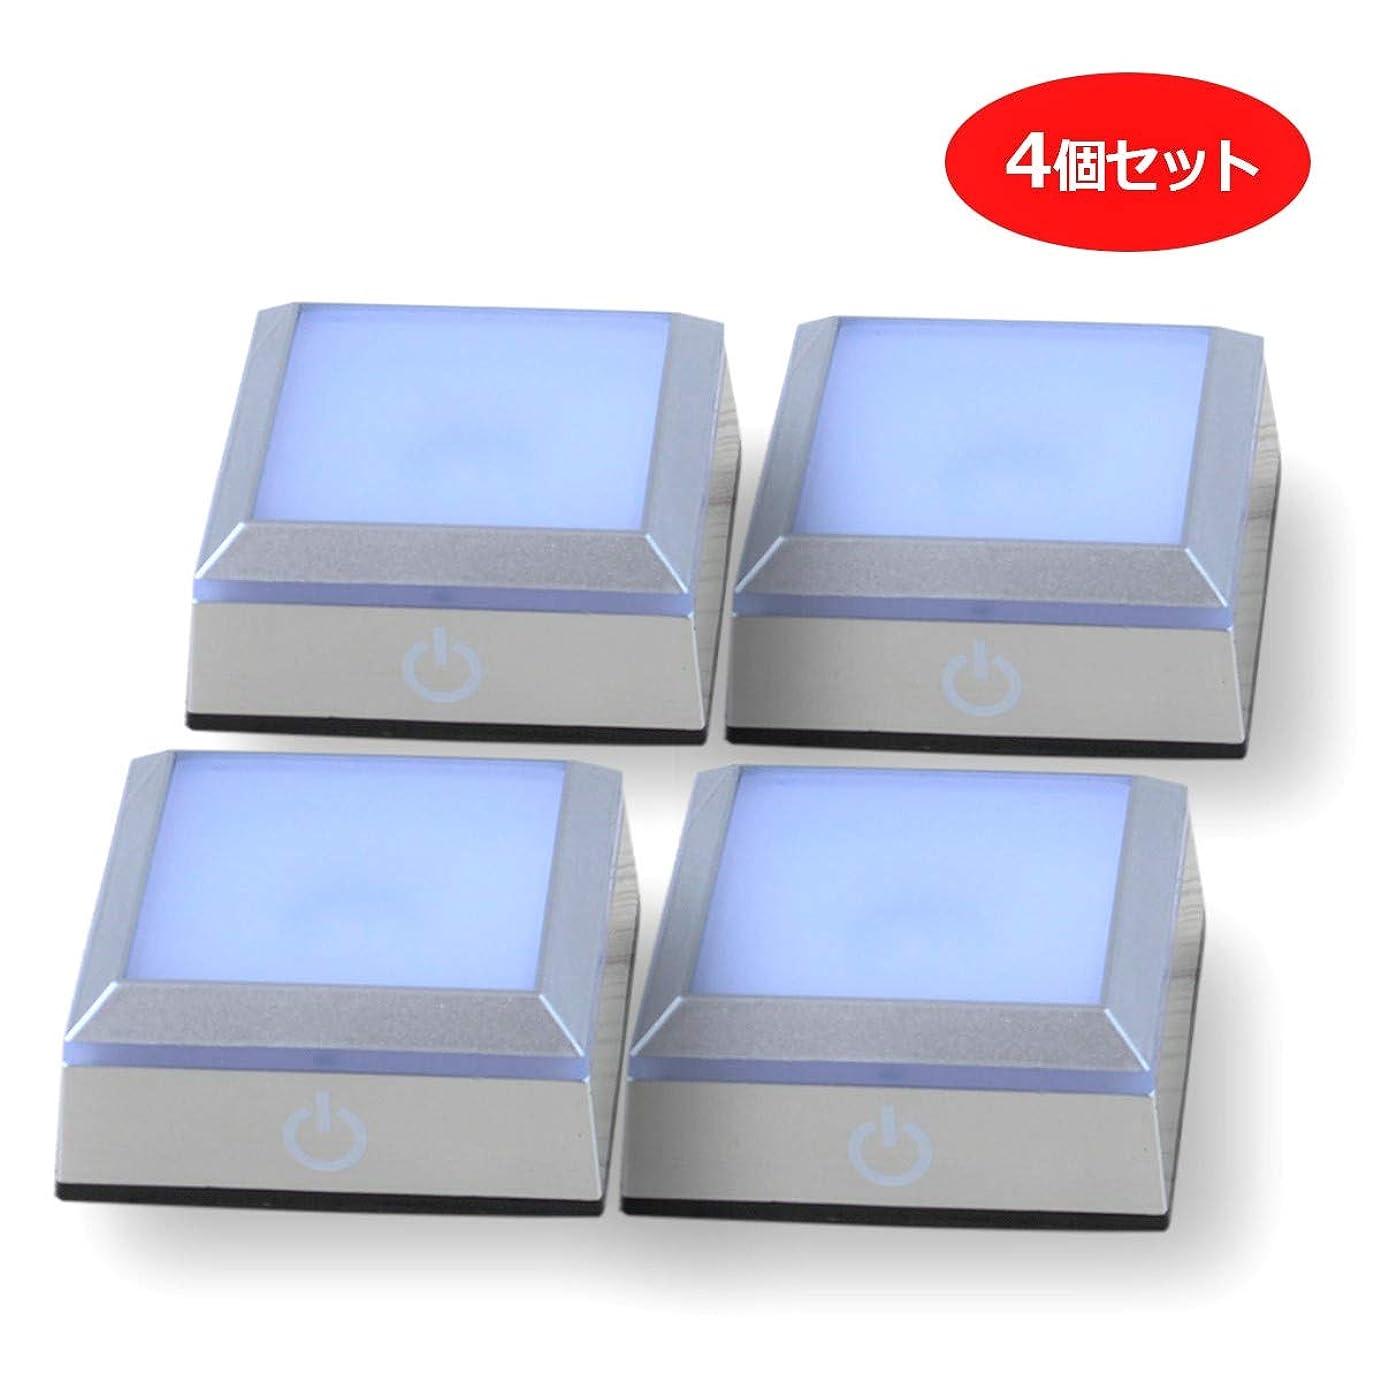 杭最少海外でAcross(アクロース) ハーバリウム LEDライト コースター レインボー ディスプレイ 照明台座 タッチスイッチ式 電池 コンセント両用 4個セット